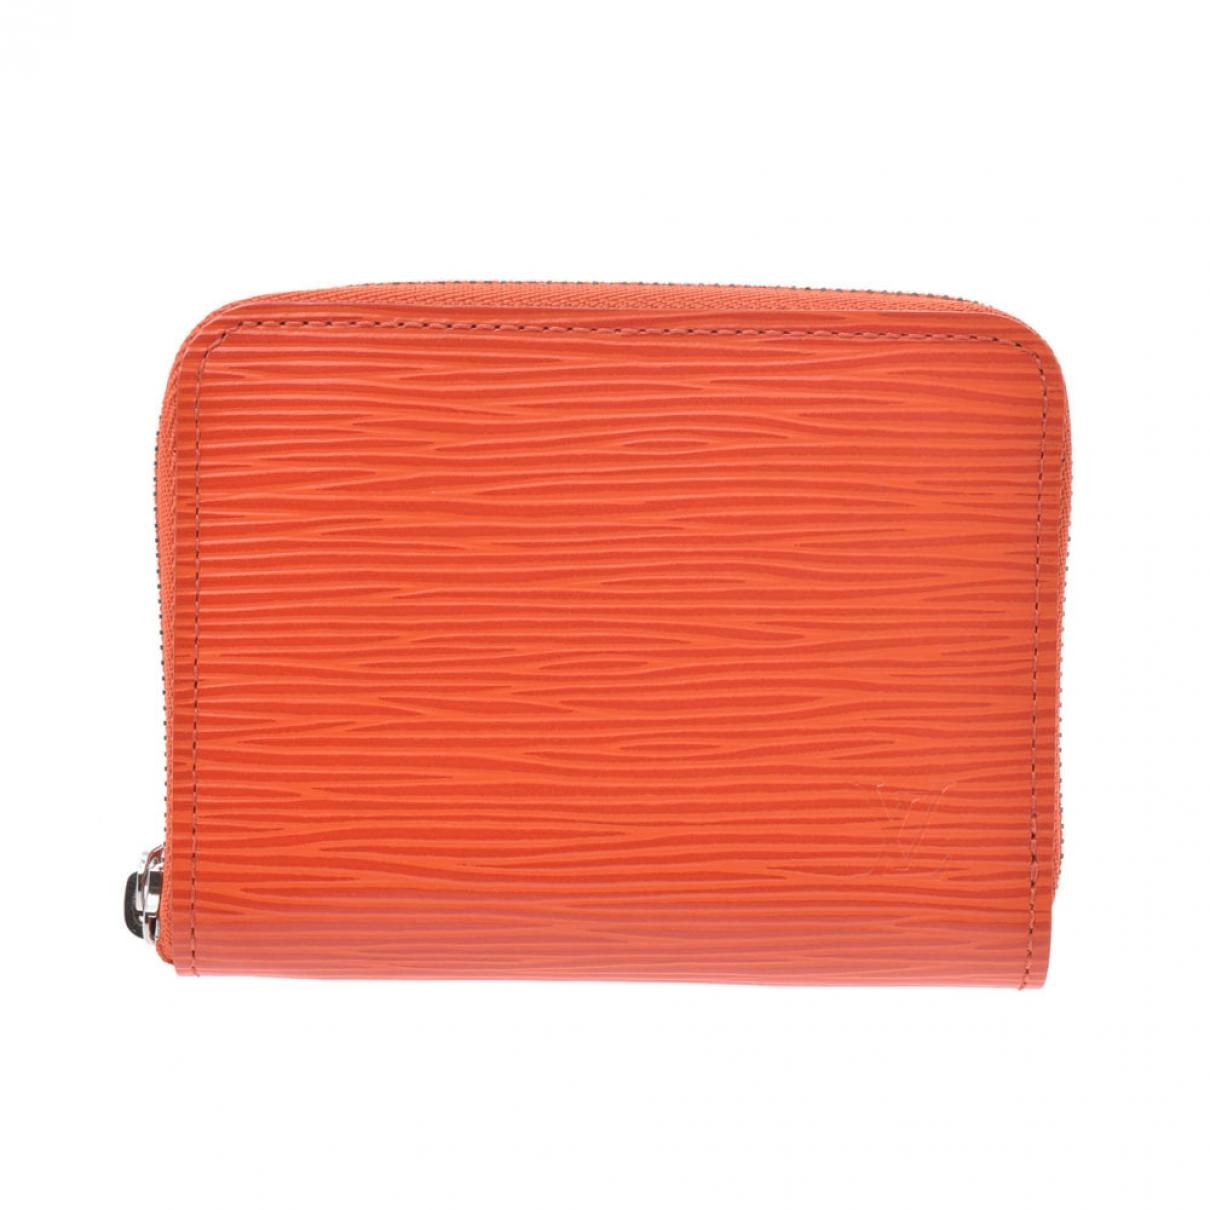 Louis Vuitton Zippy Kleinlederwaren in  Orange Leder